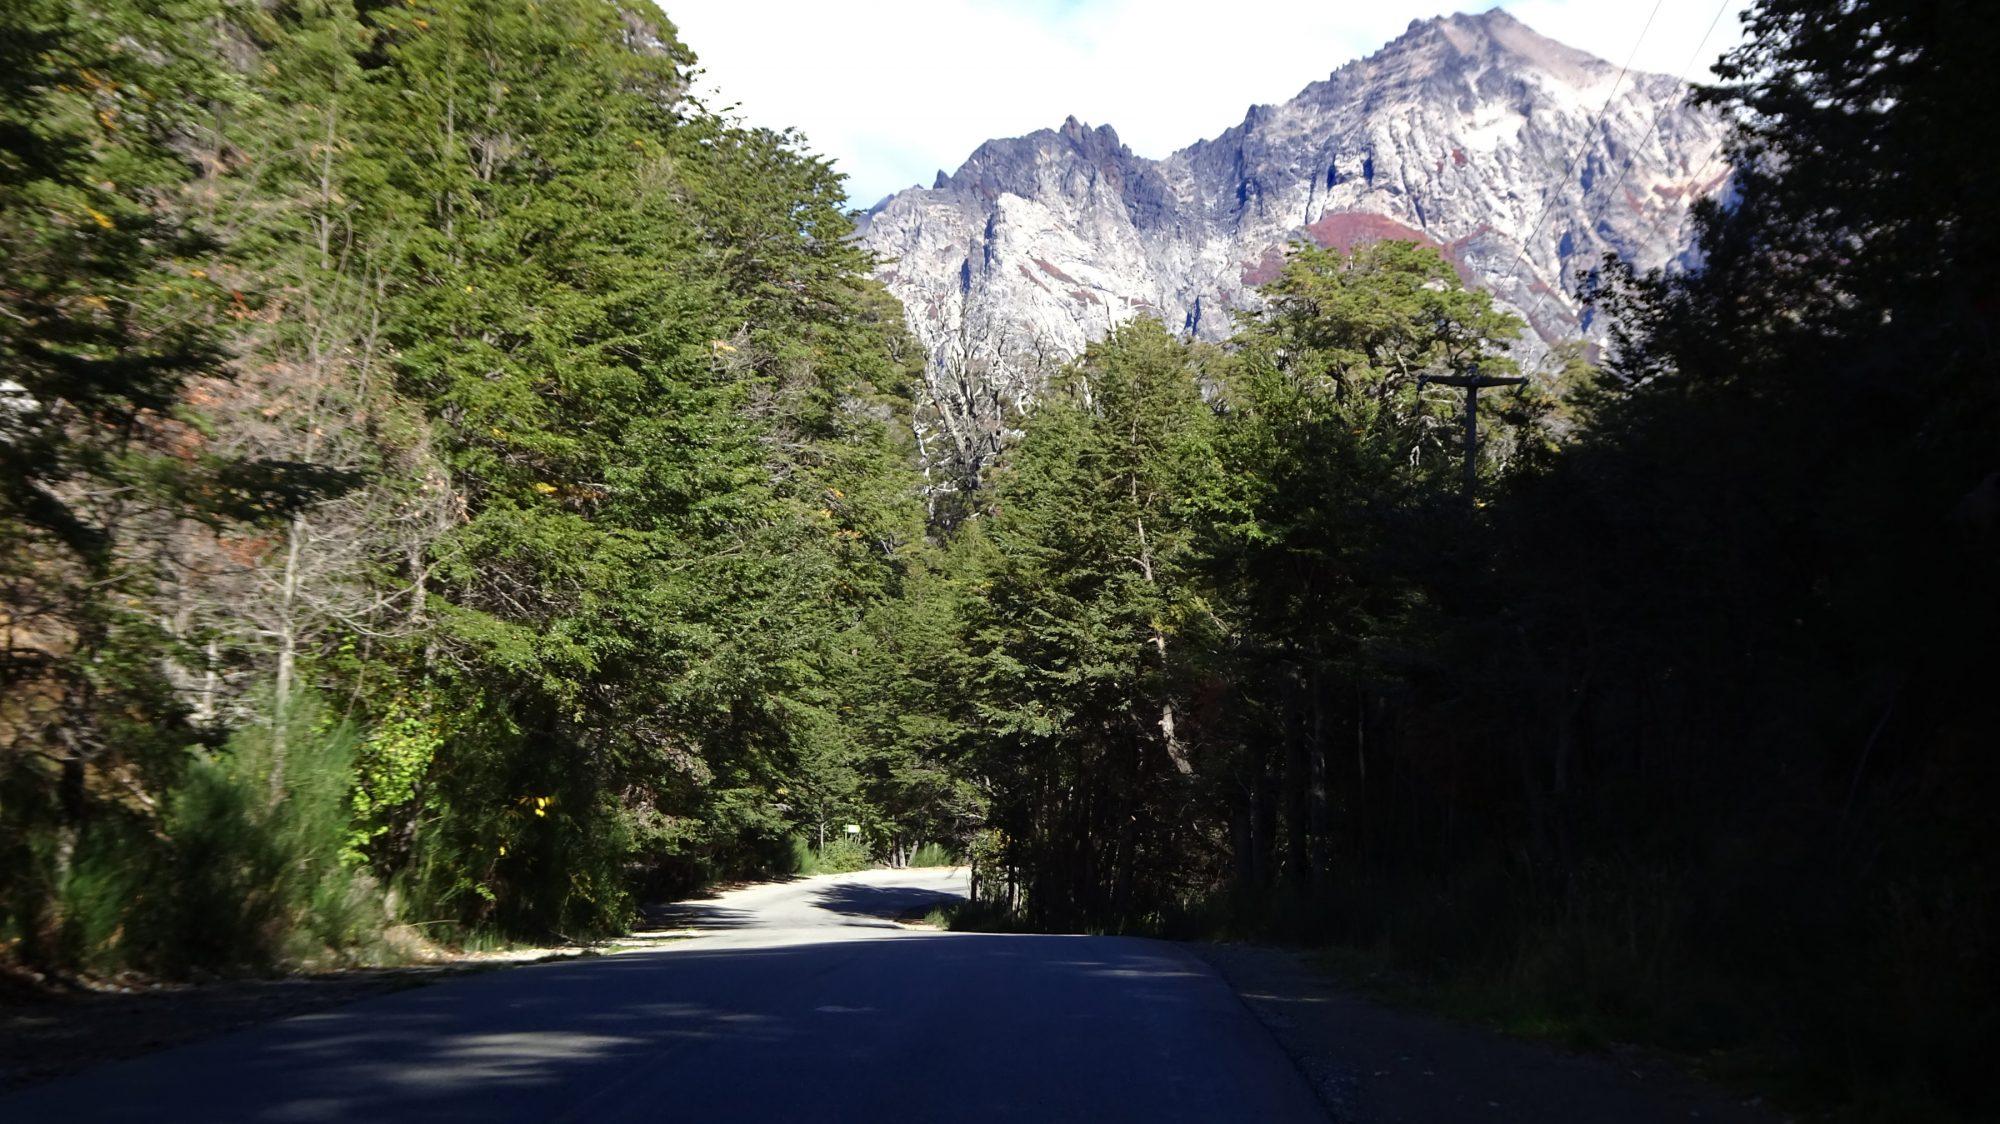 Fjella Bariloche Straße Fahrradtour Ausflug Circuito Chico Fahrrad Patagonien Argentinische Schweiz